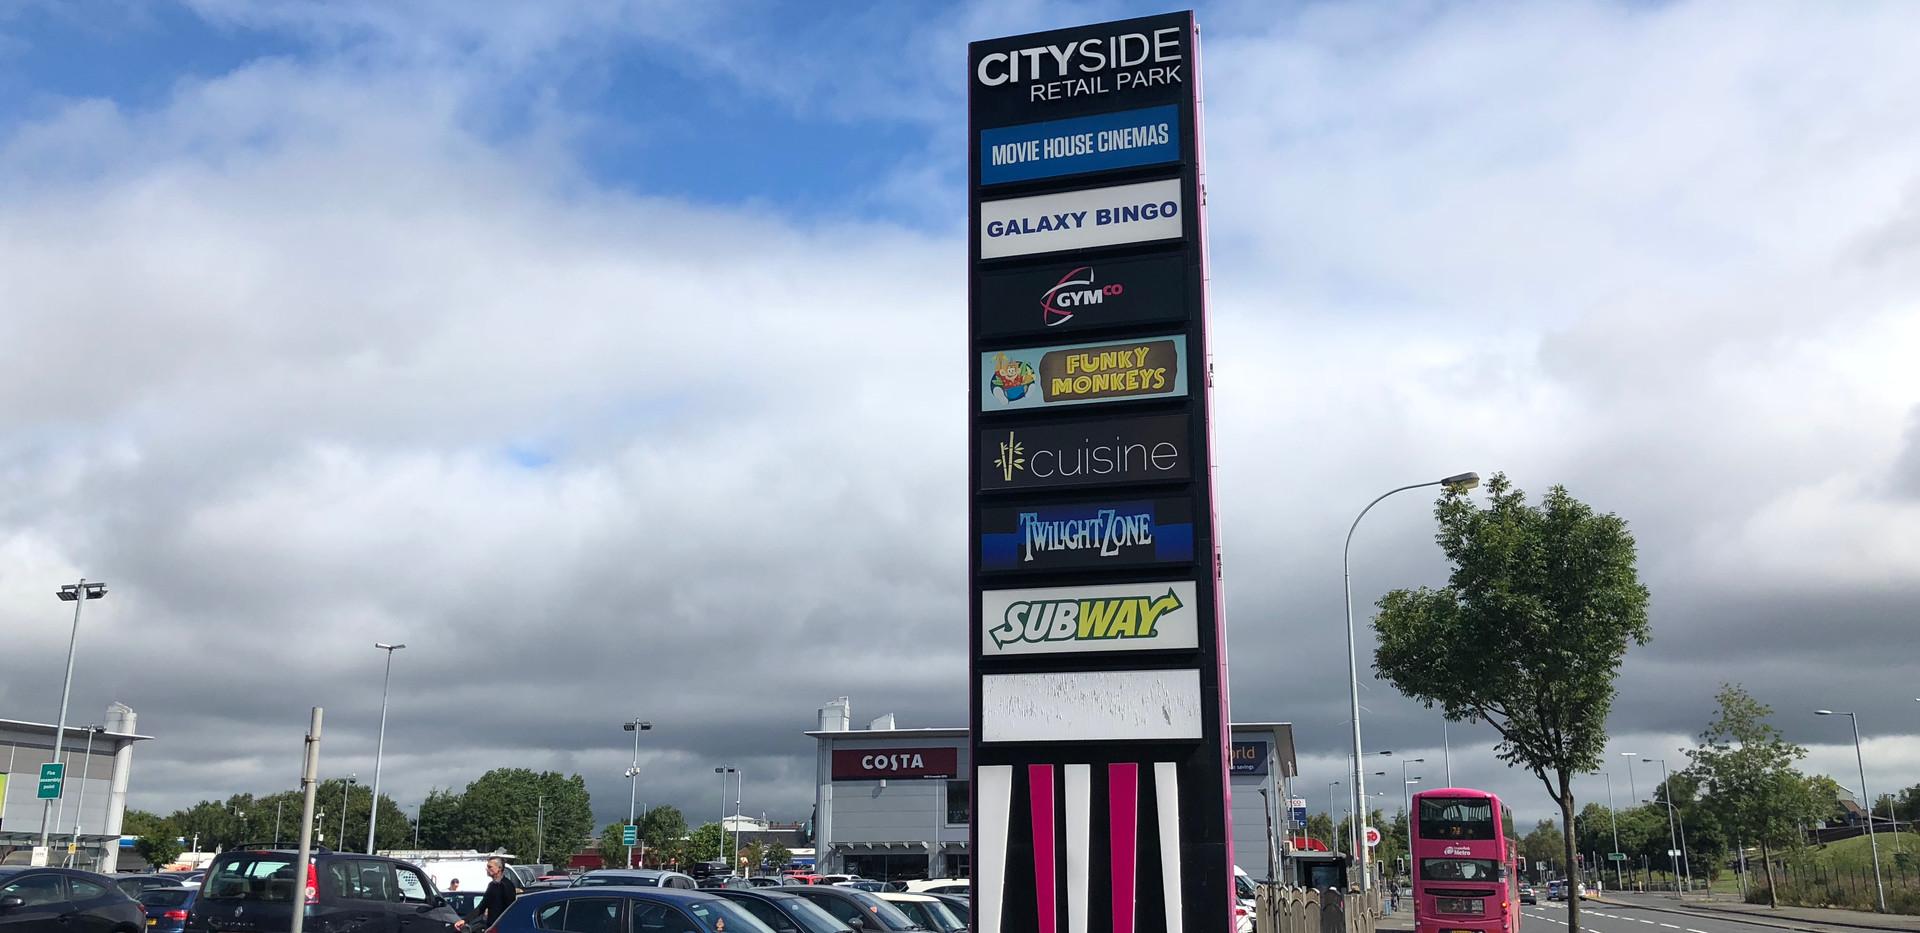 Cityside Shopping Centre 4.jpg